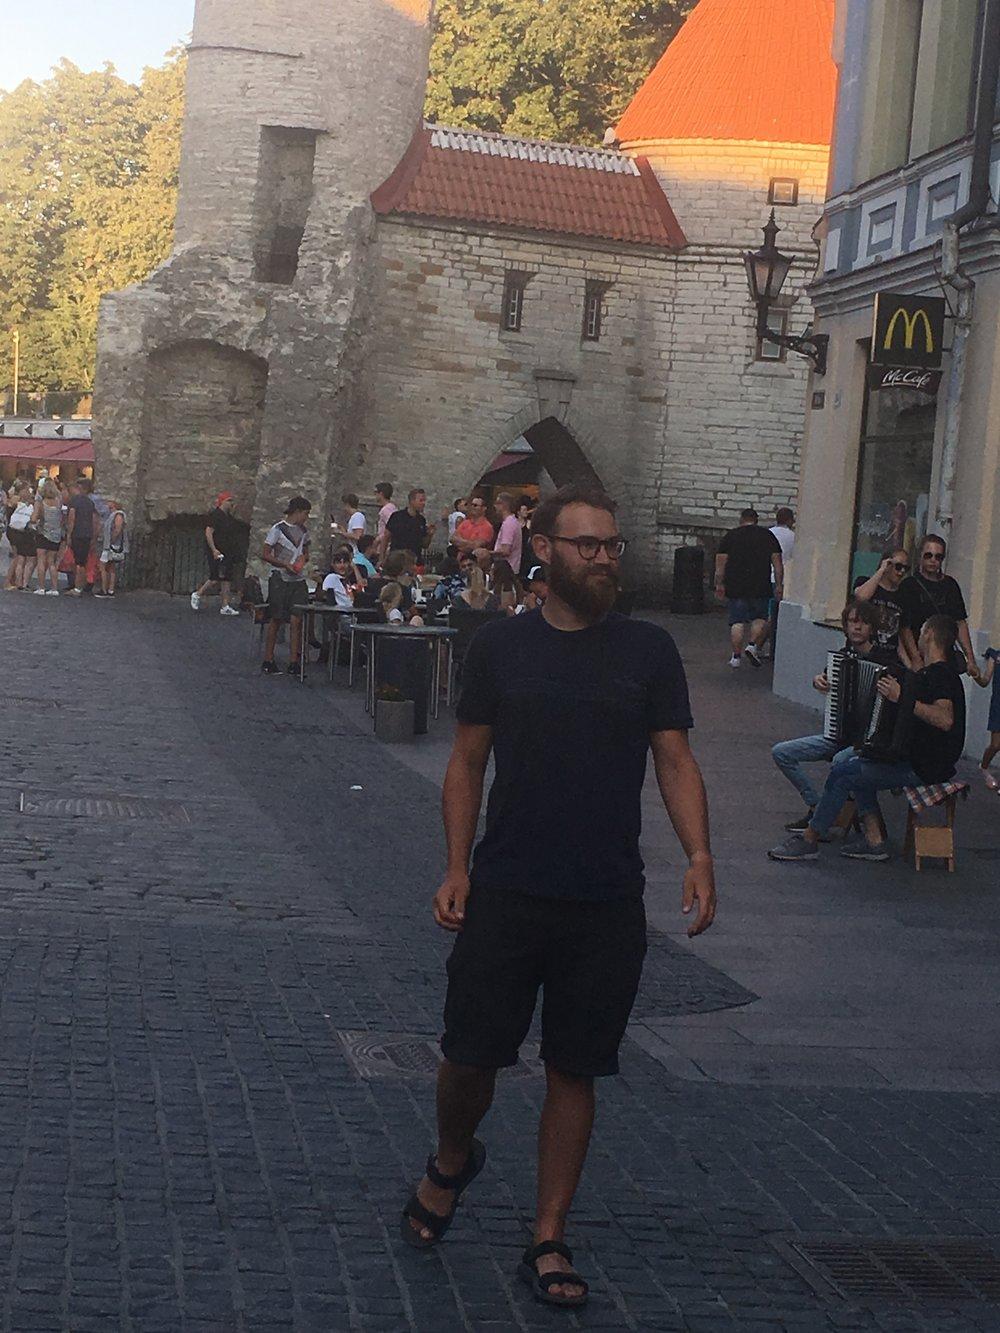 Dan being eaten by Tallinn's Old City Wall.